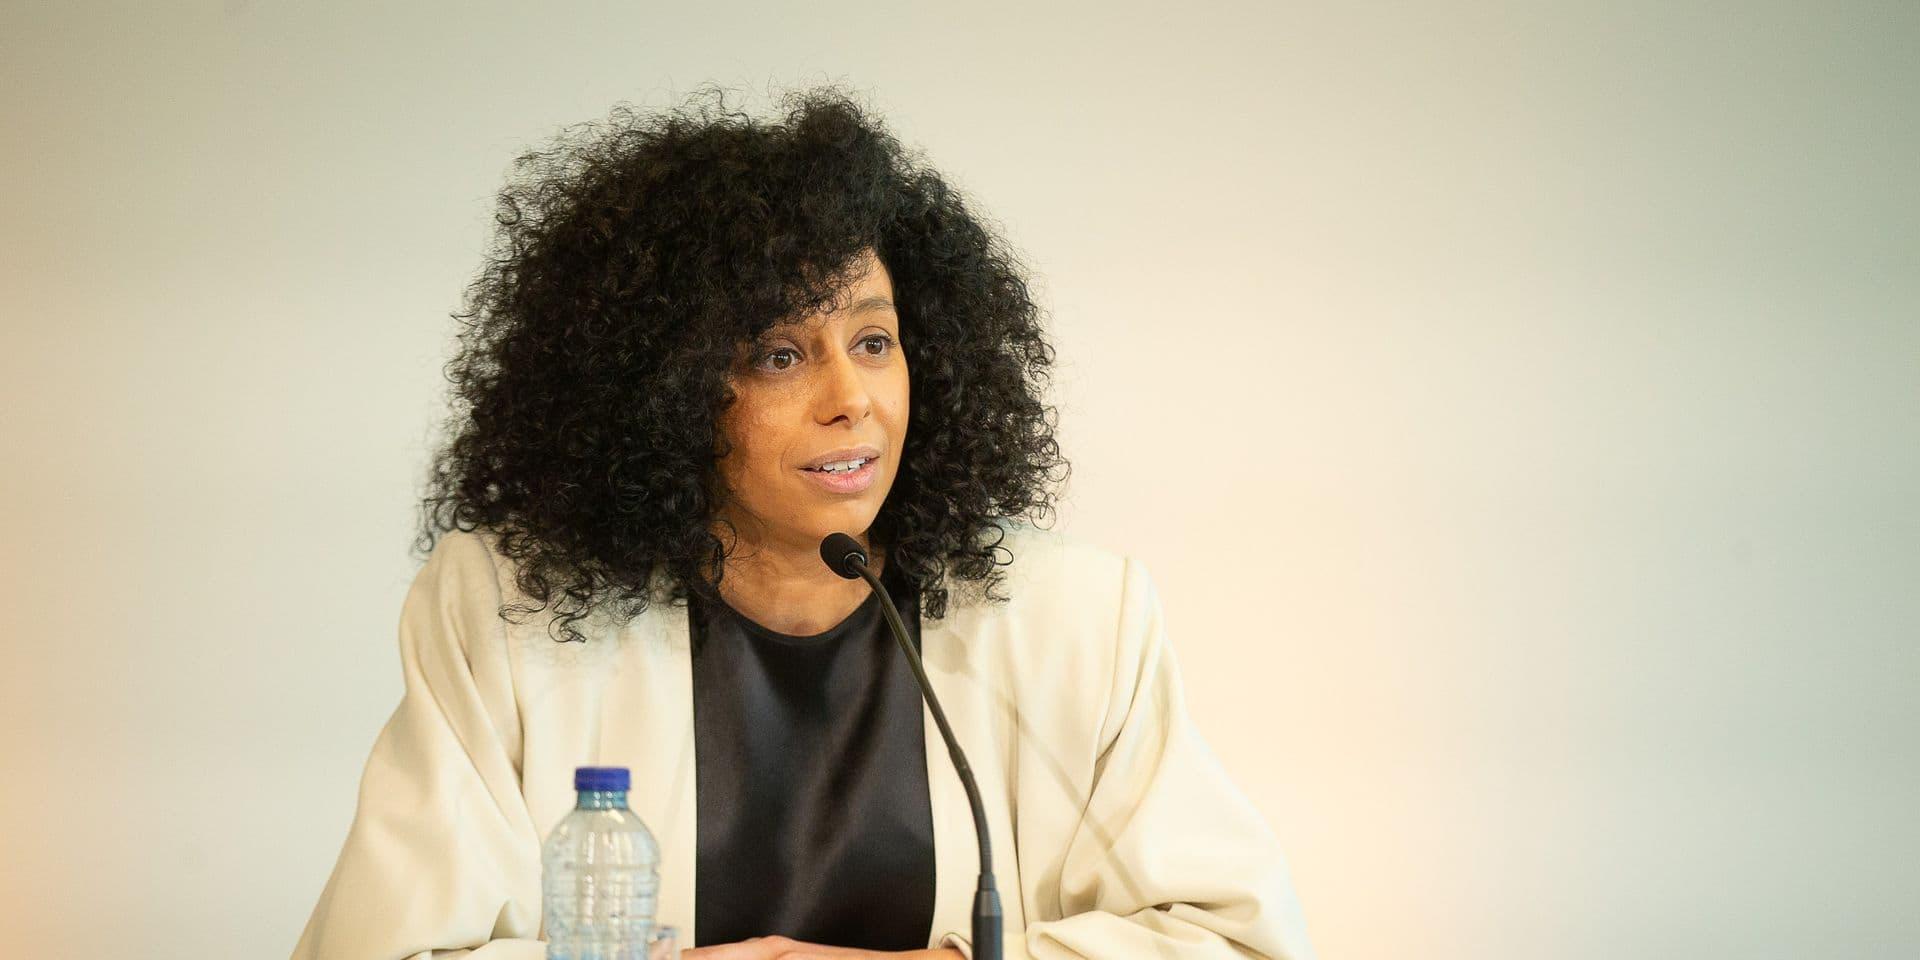 350.000 euros auraient été détournés pour l'ASBL anversoise de la députée Sihame El Kaouakibi